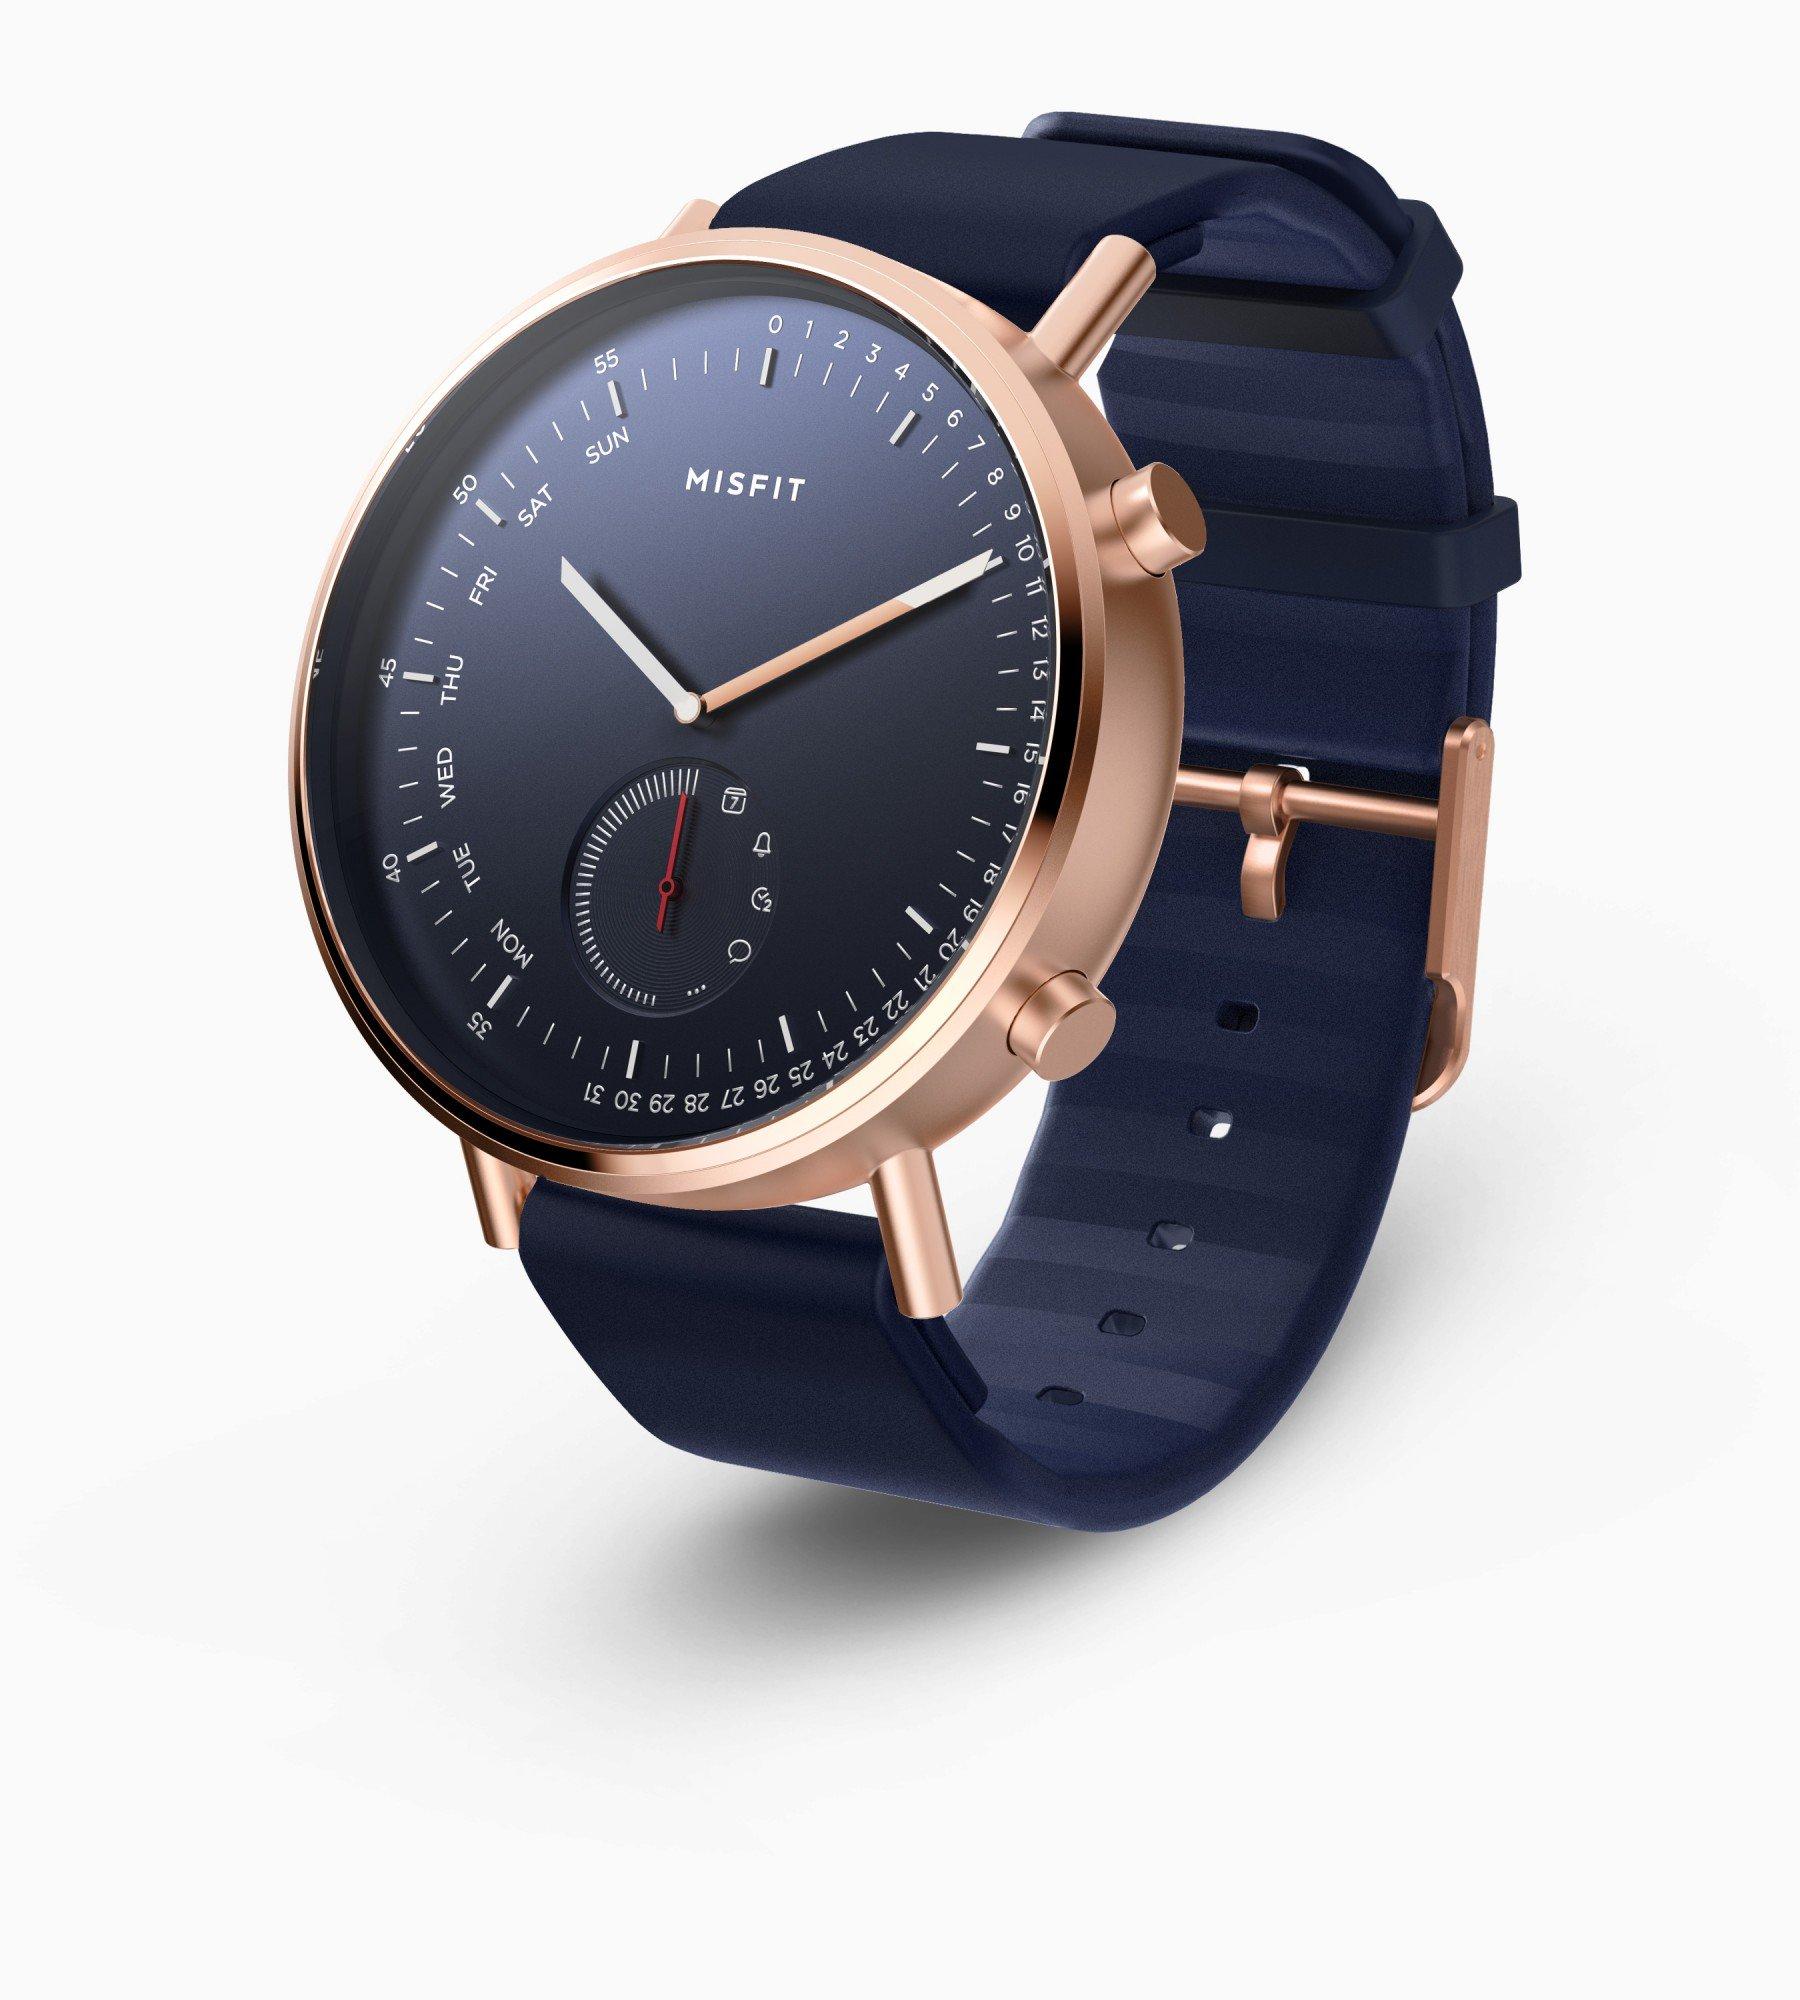 Misfit Command là đồng hồ lai có thể theo dõi sức khỏe và nhận thông báo, giá 149 USD